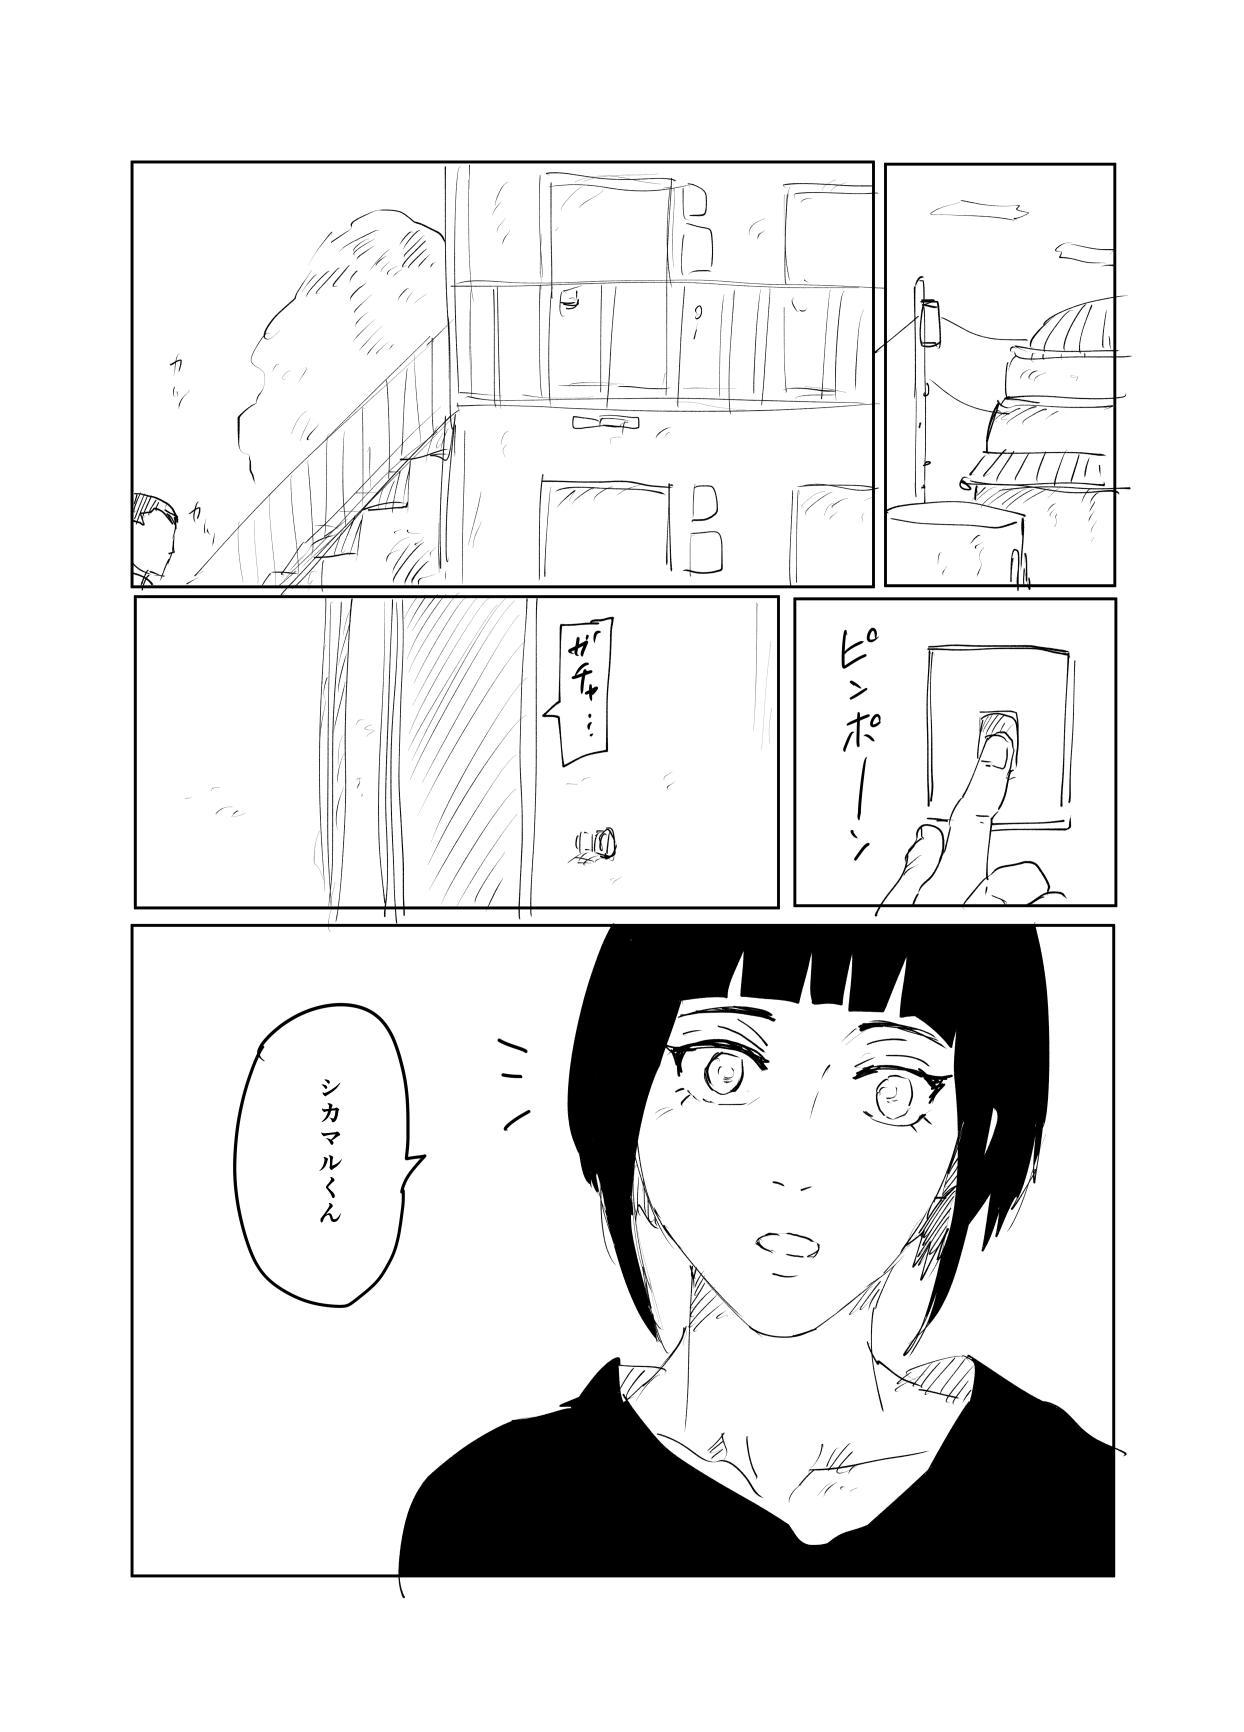 嘘告白漫画 97